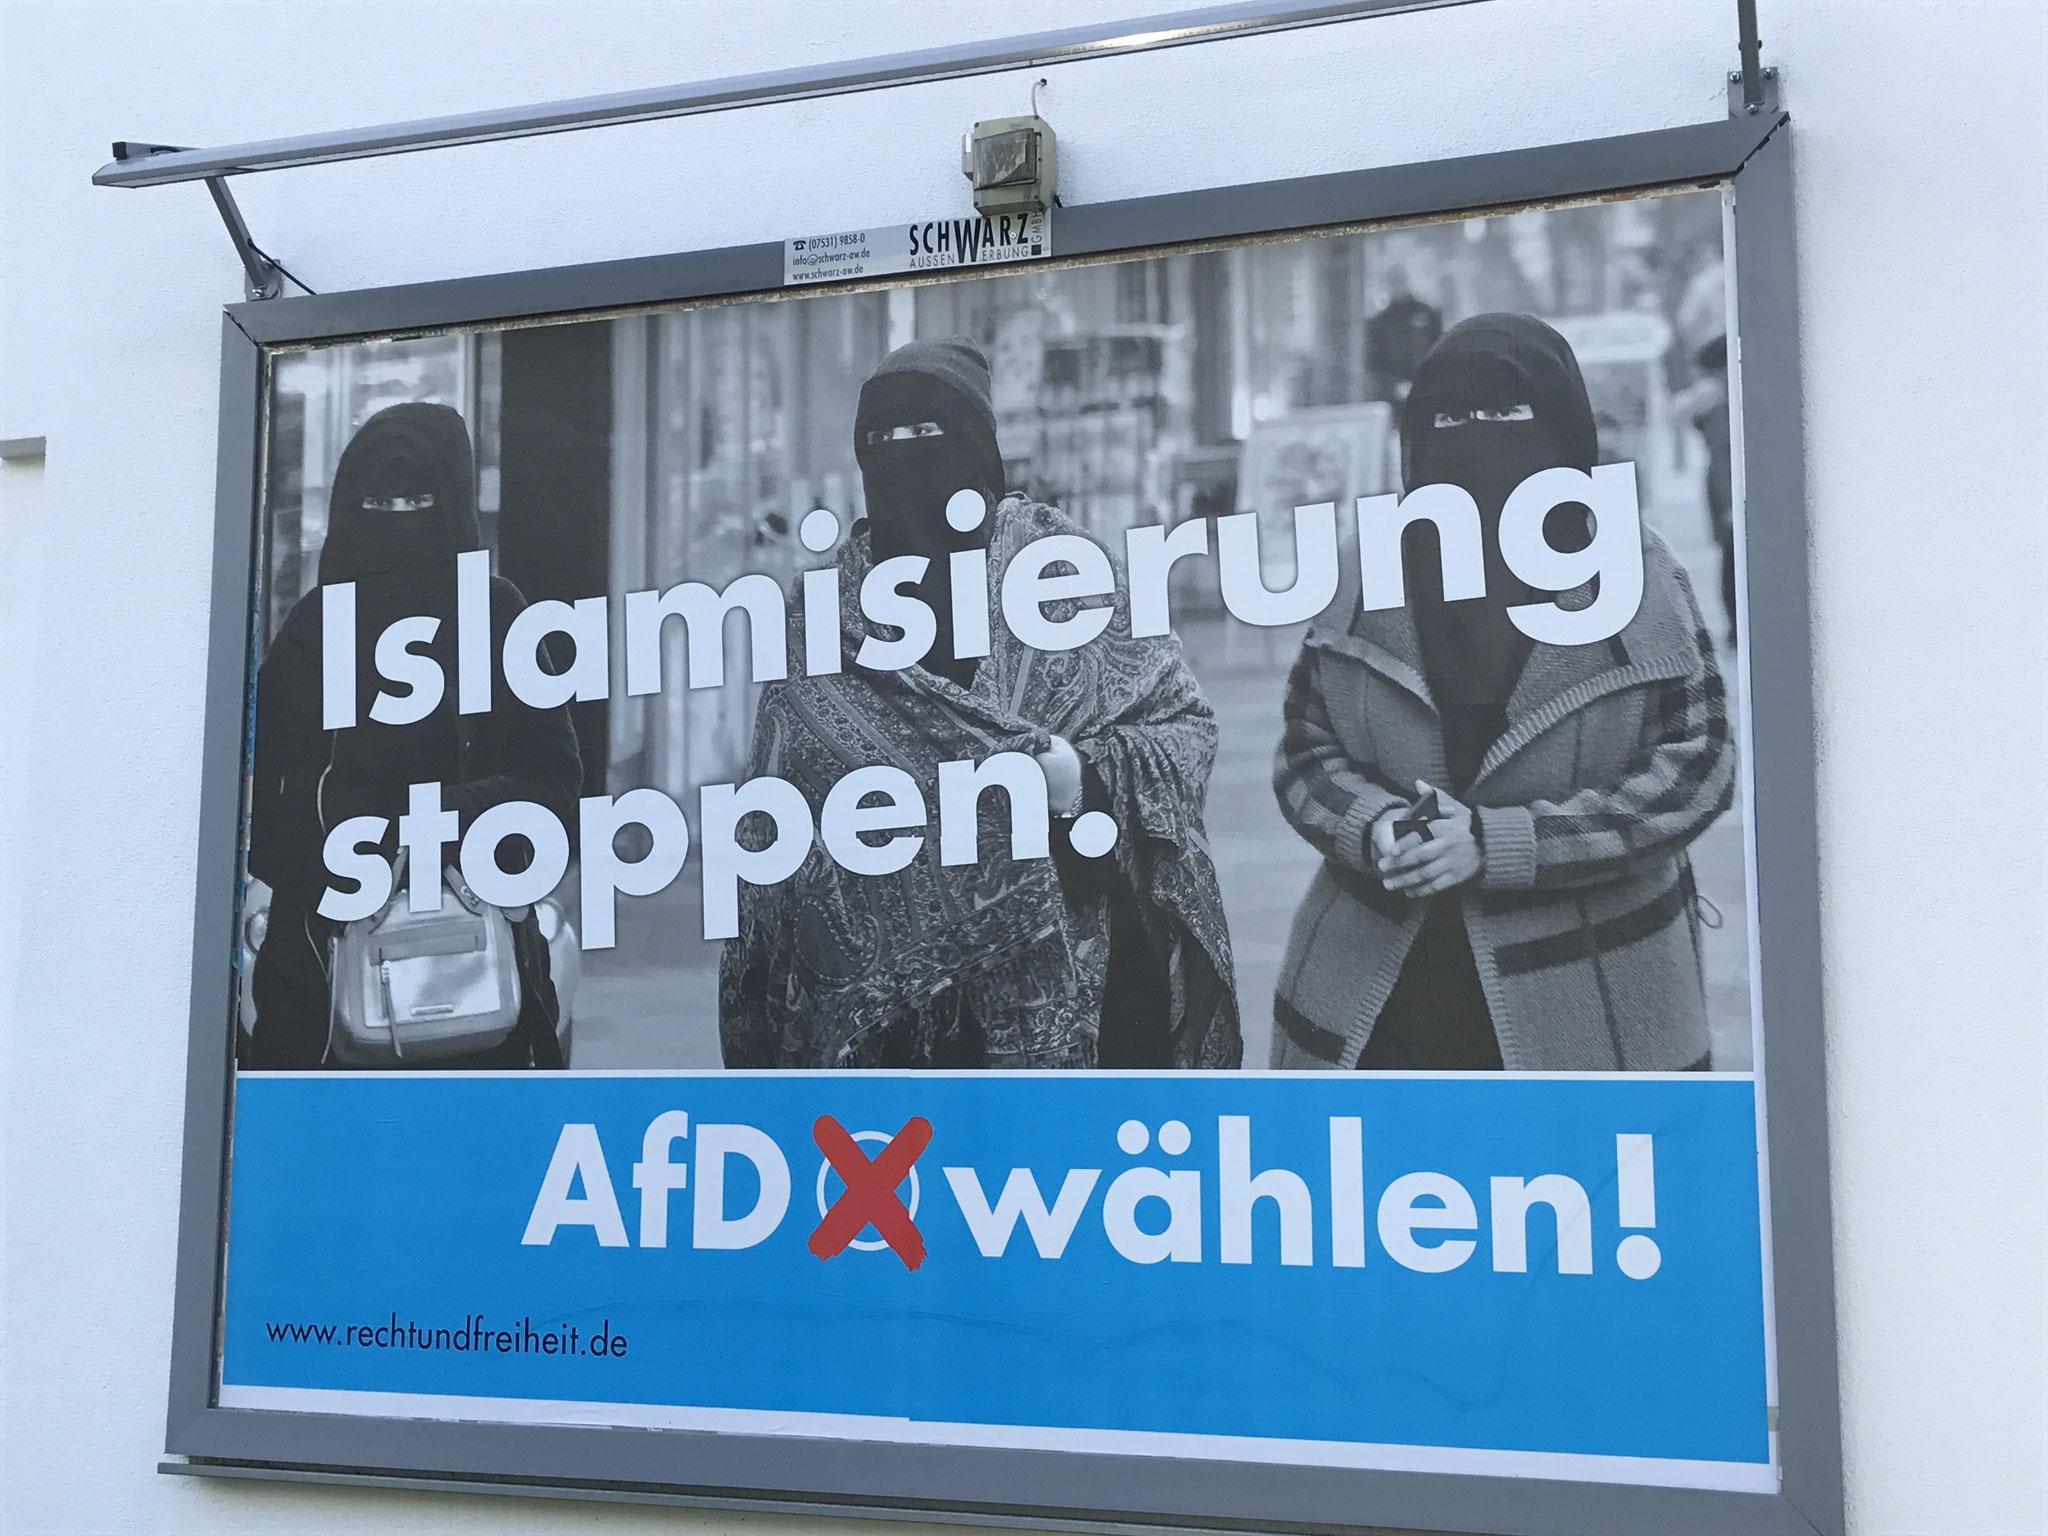 ¨Pare a islamização.¨